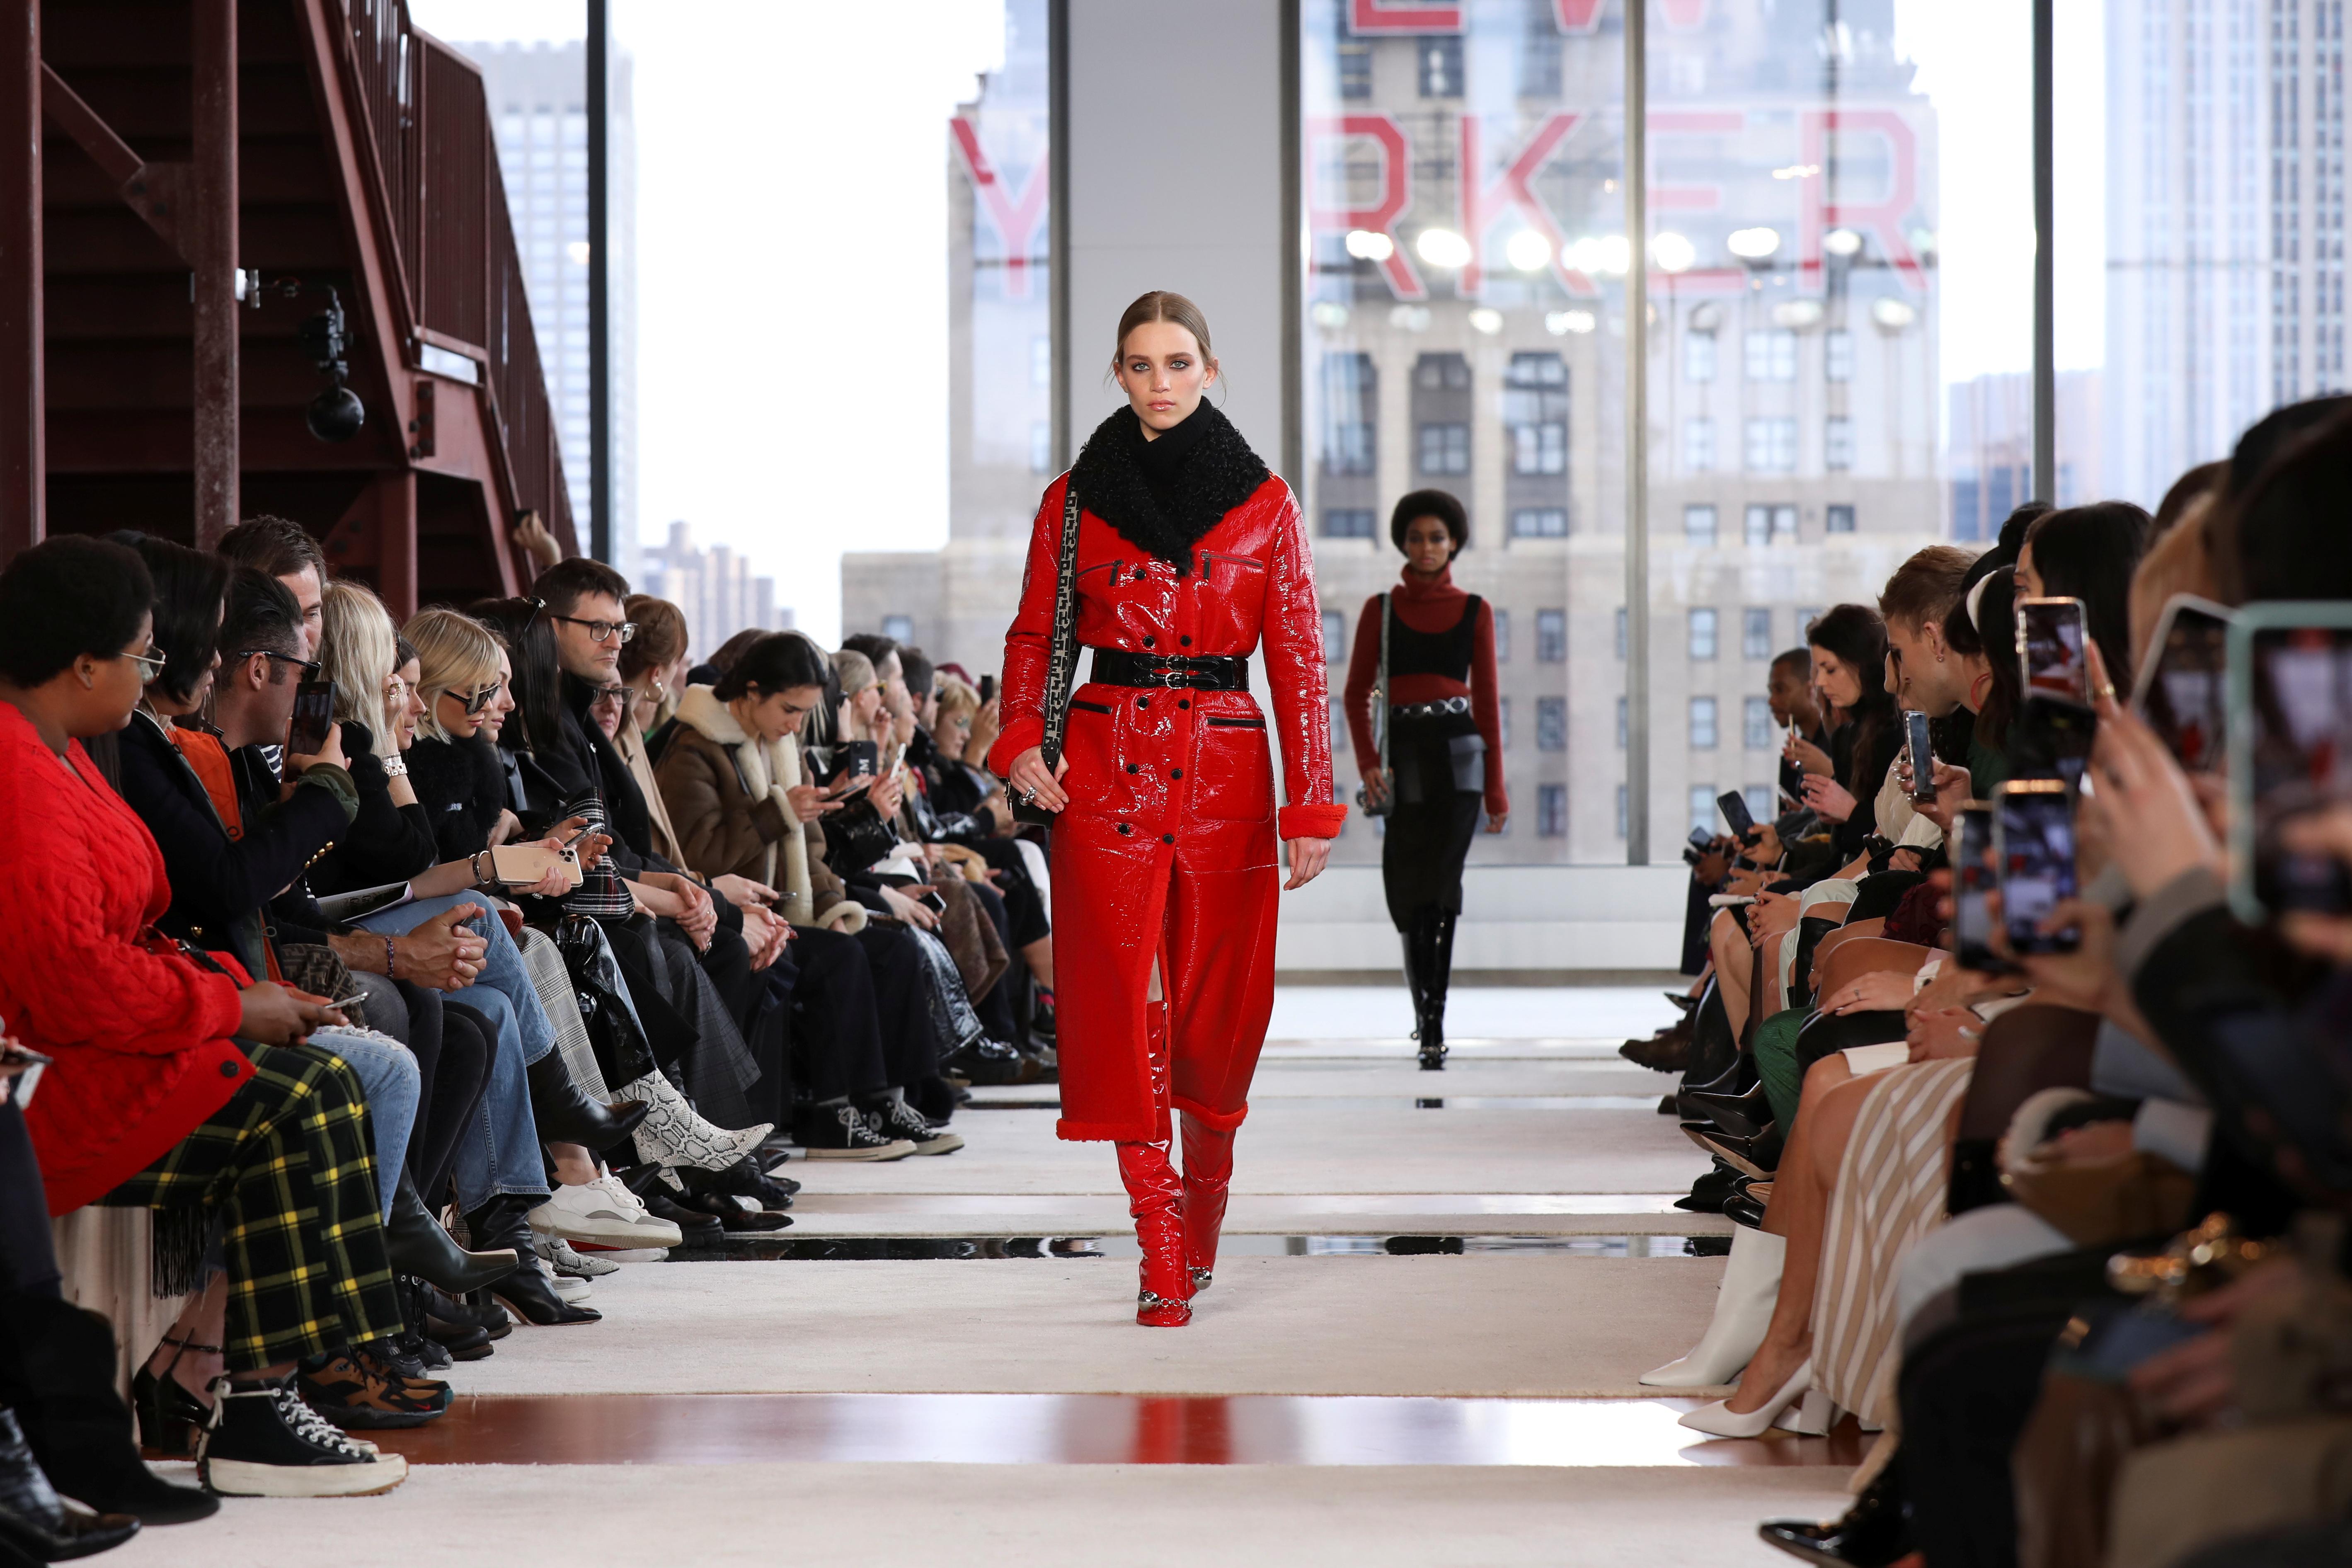 La modelo Rebecca Longendyke desfilando para Longchamp lució un abrigo rojo de vinilo de largo midi, con botas a tono, cinturón de cuero negro y cuello de piel negro. ¿De accesorio? La cartera con correa de logotipo